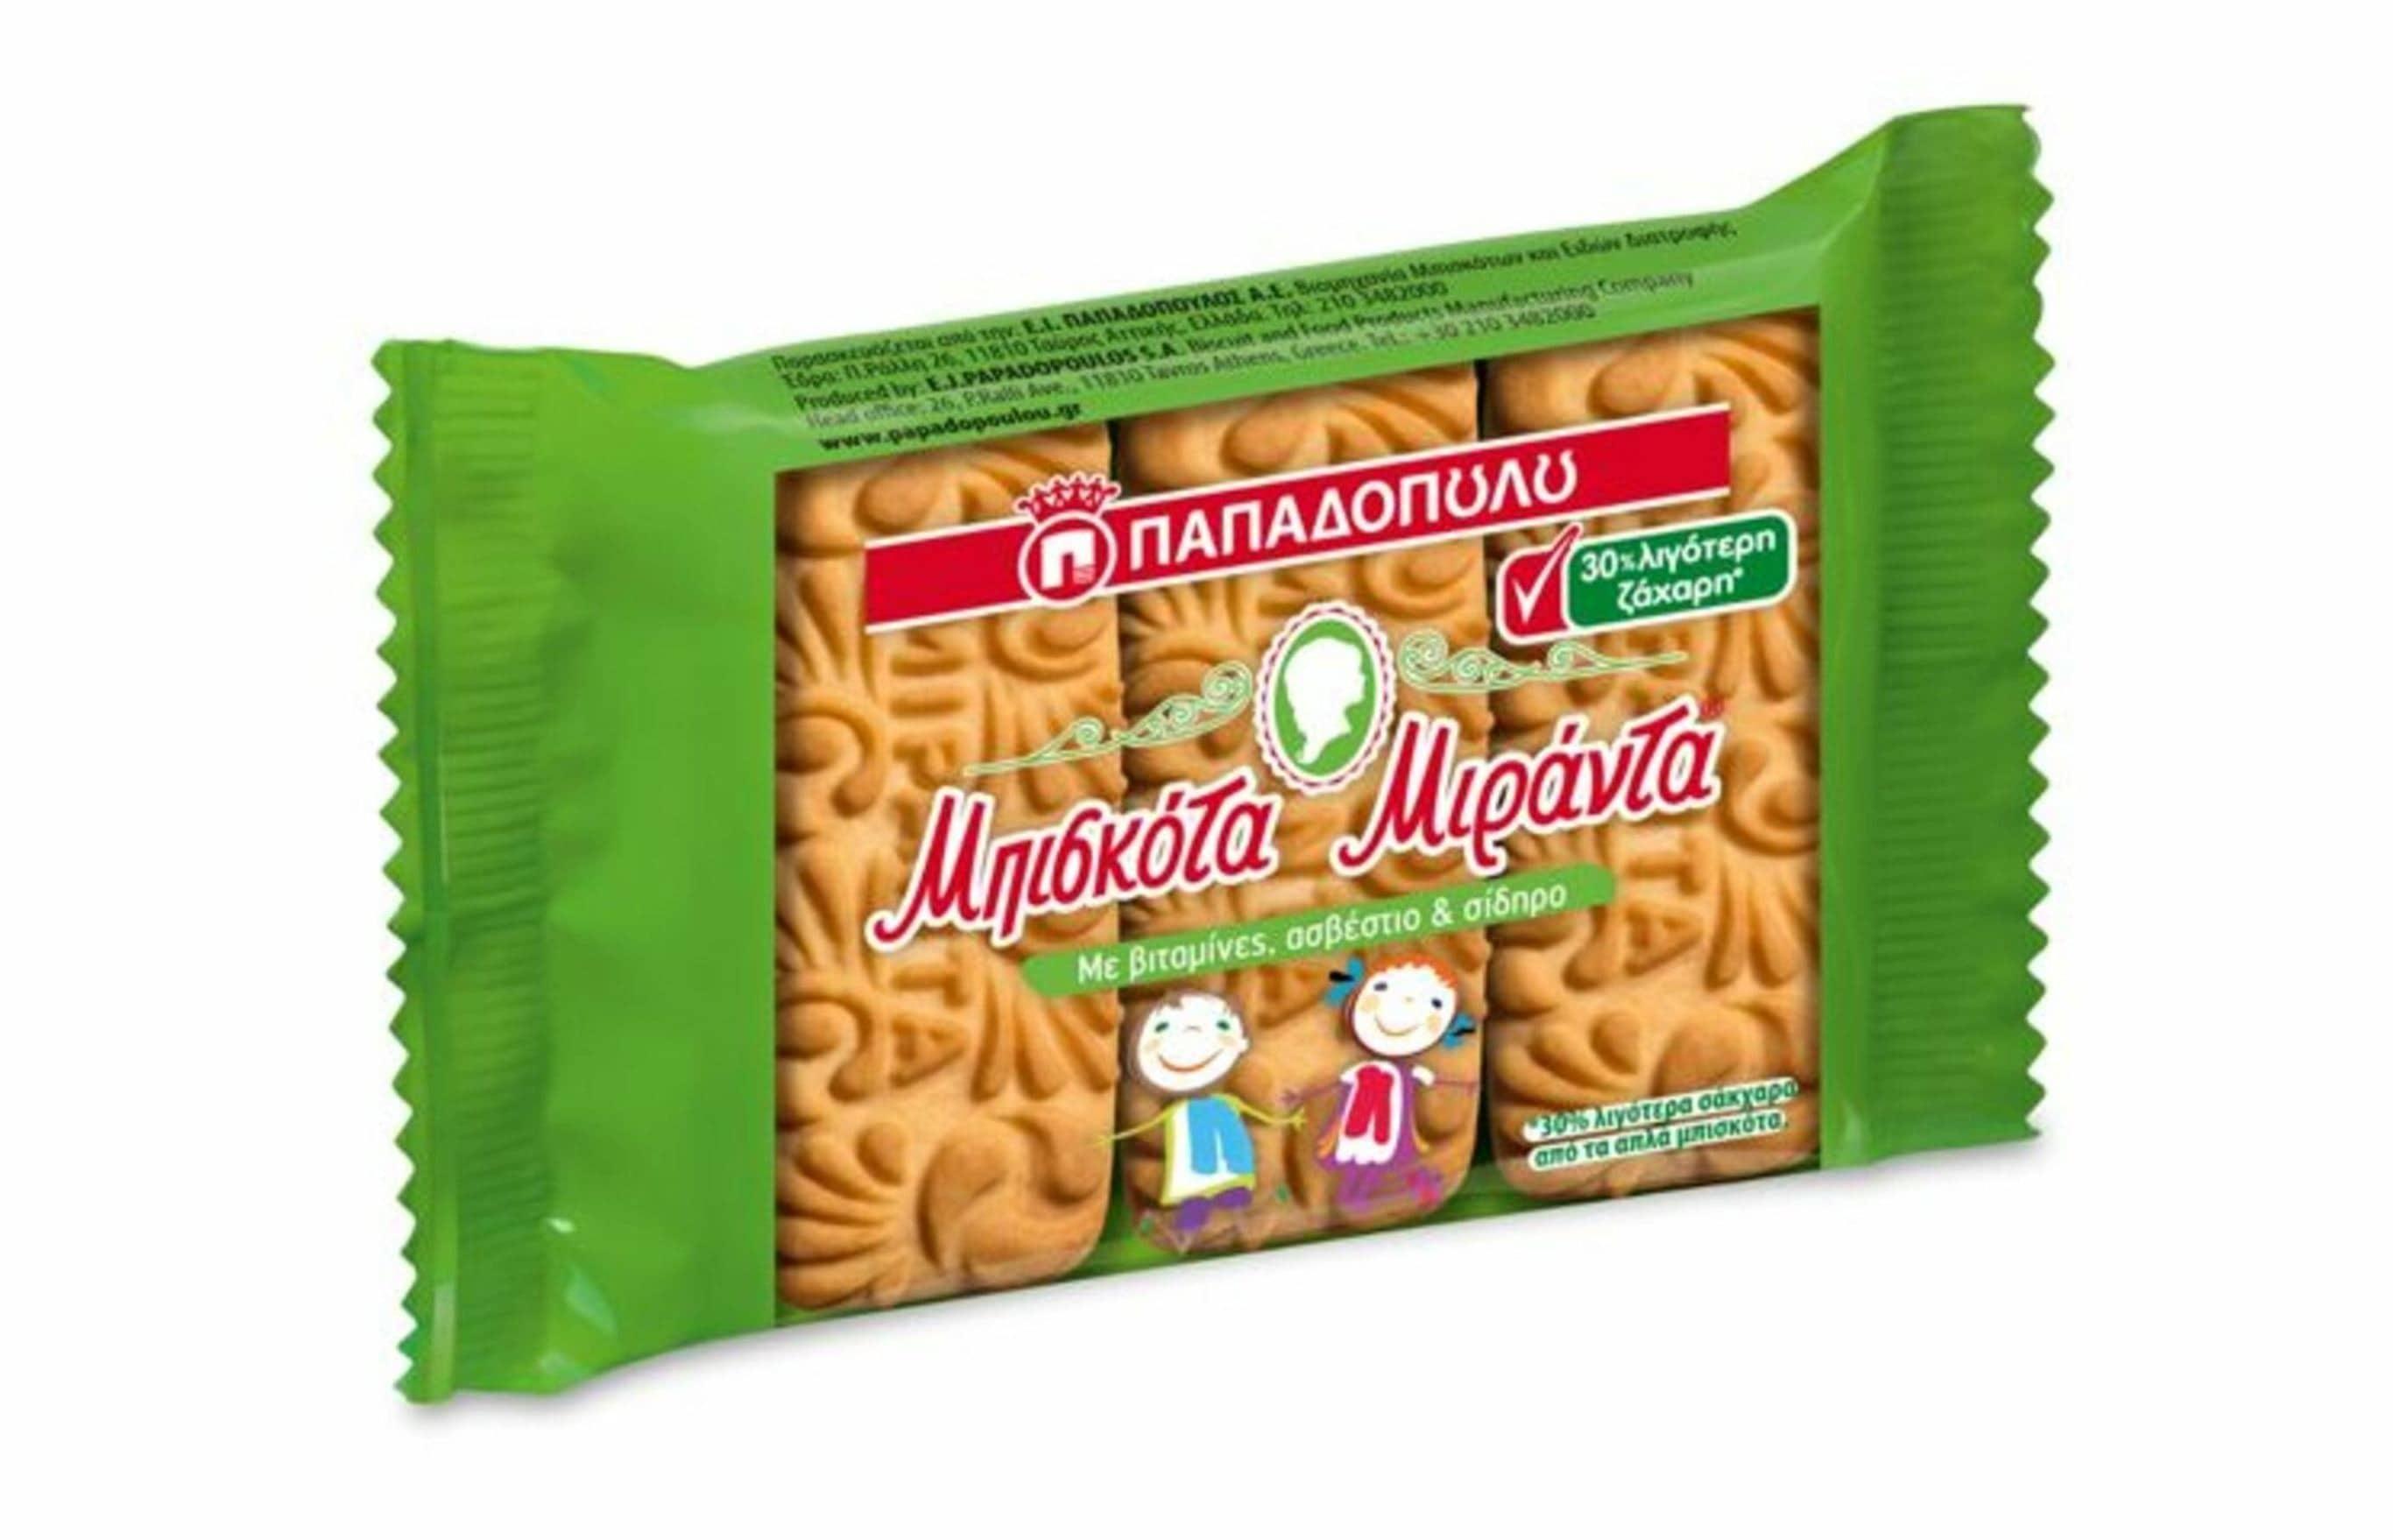 image for Μιράντα με 30% Λιγότερη Ζάχαρη σε fresh pack!